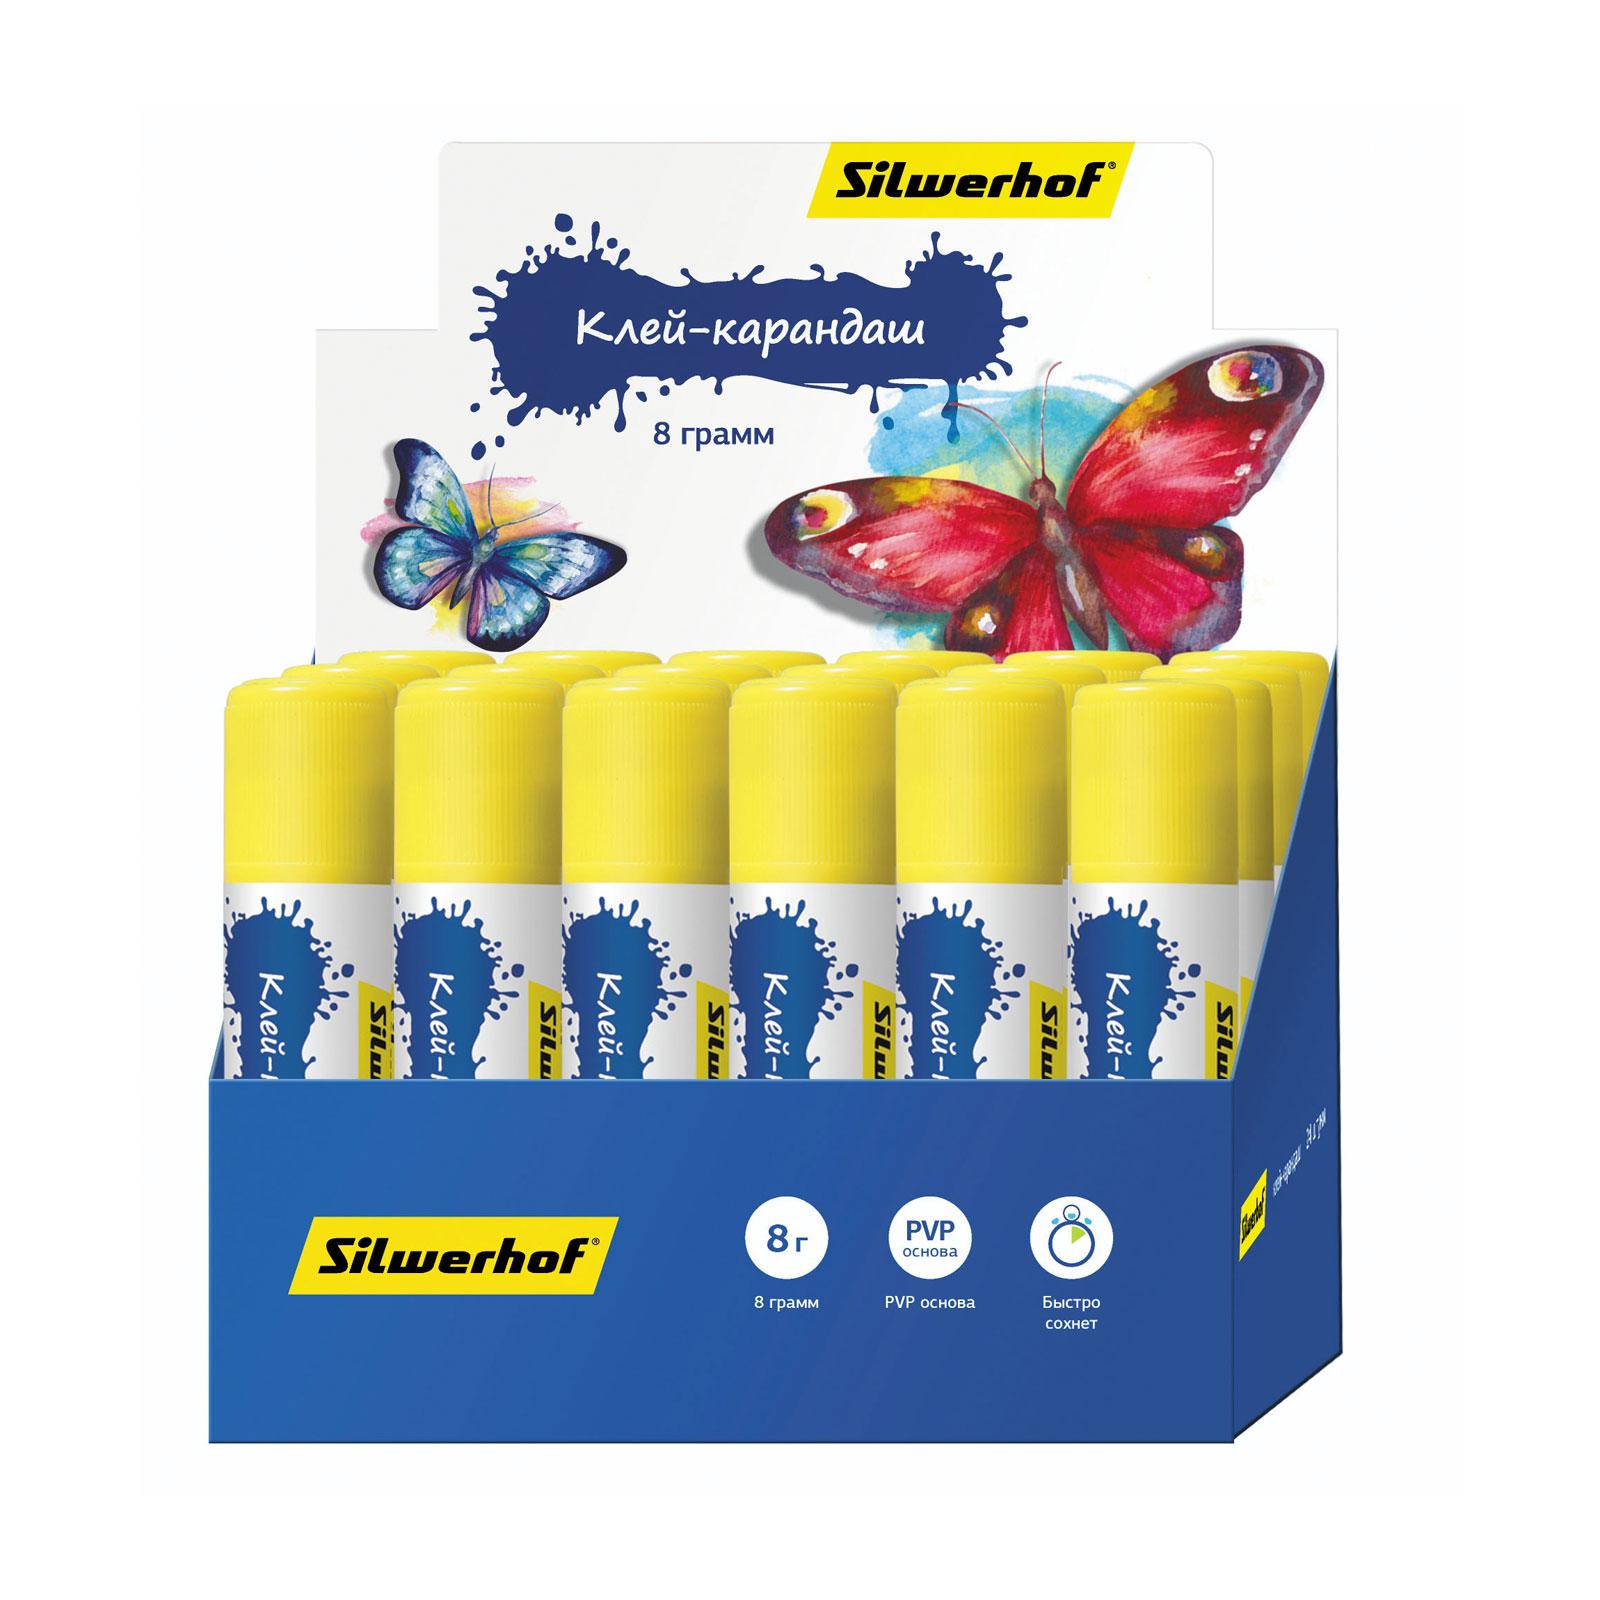 Клей-карандаш Silwerhof 8 гр Бабочки